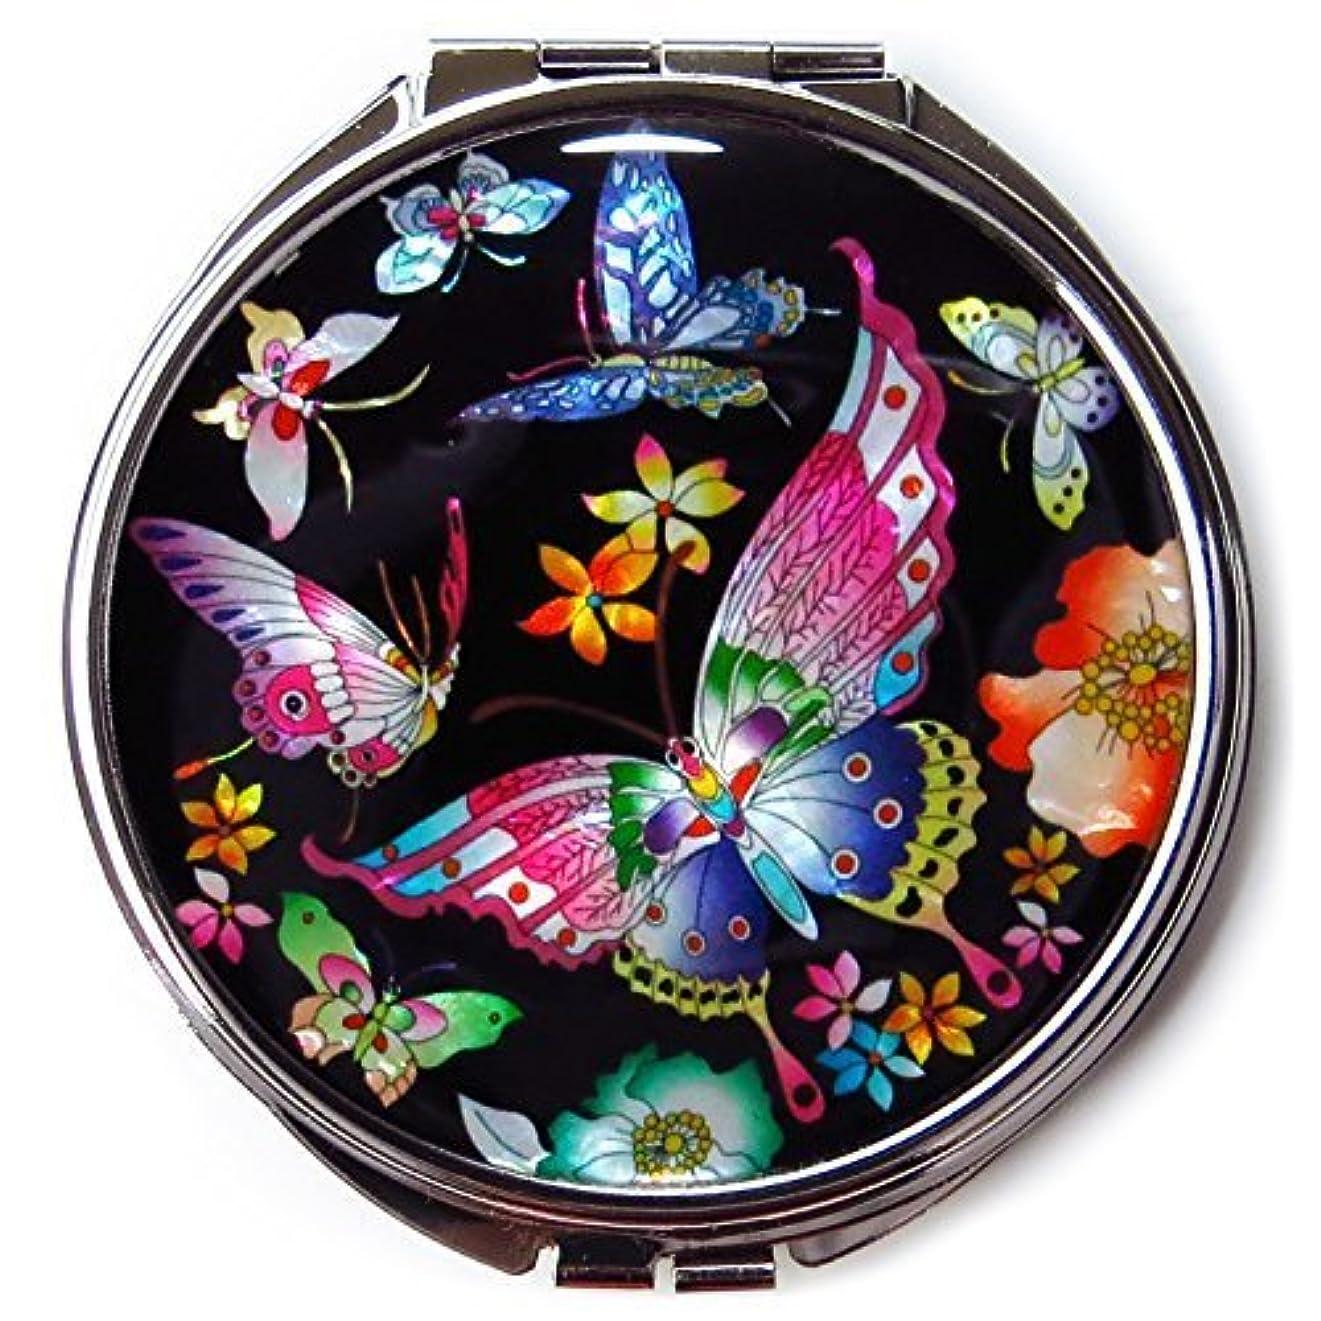 死の顎マーキング委任するMADDesign #3黒真珠金属蝶の韓国化粧コンパクトミラー母 黒、赤、黄、青、ピンク、緑、紫 [並行輸入品]